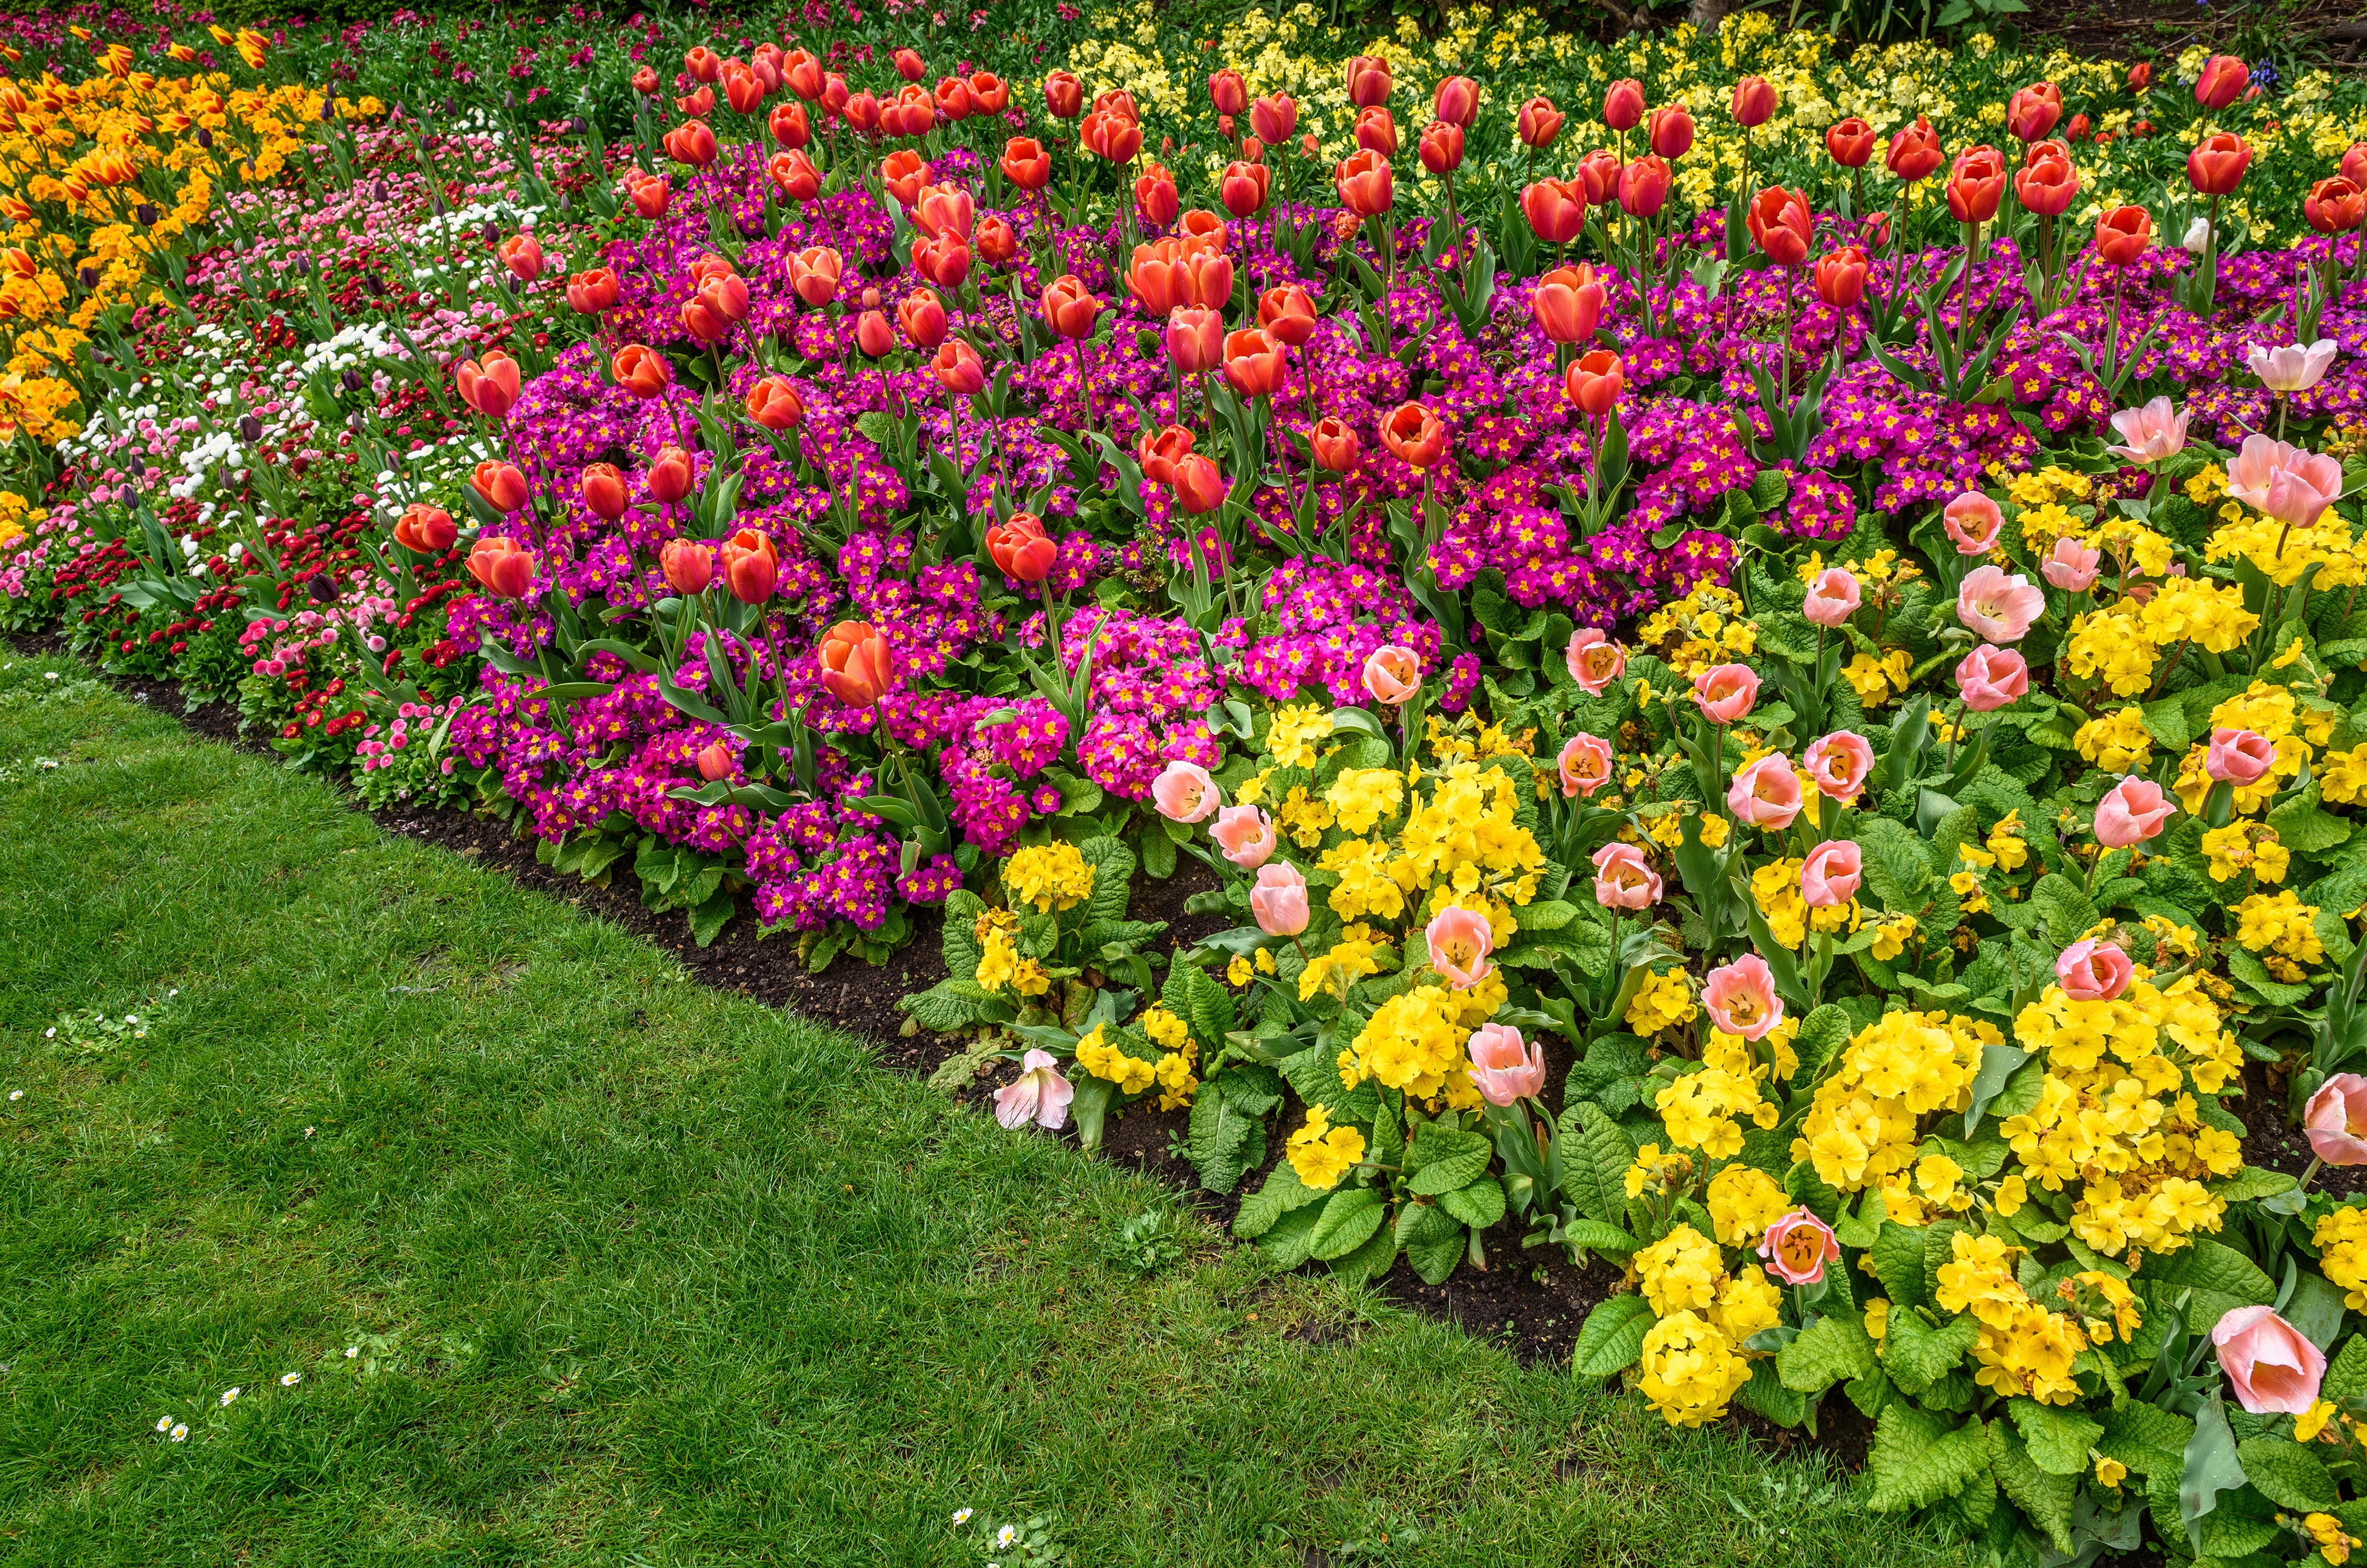 Nachtigall_leistungen_Pflege_der_Rabatte_Blumenbeet